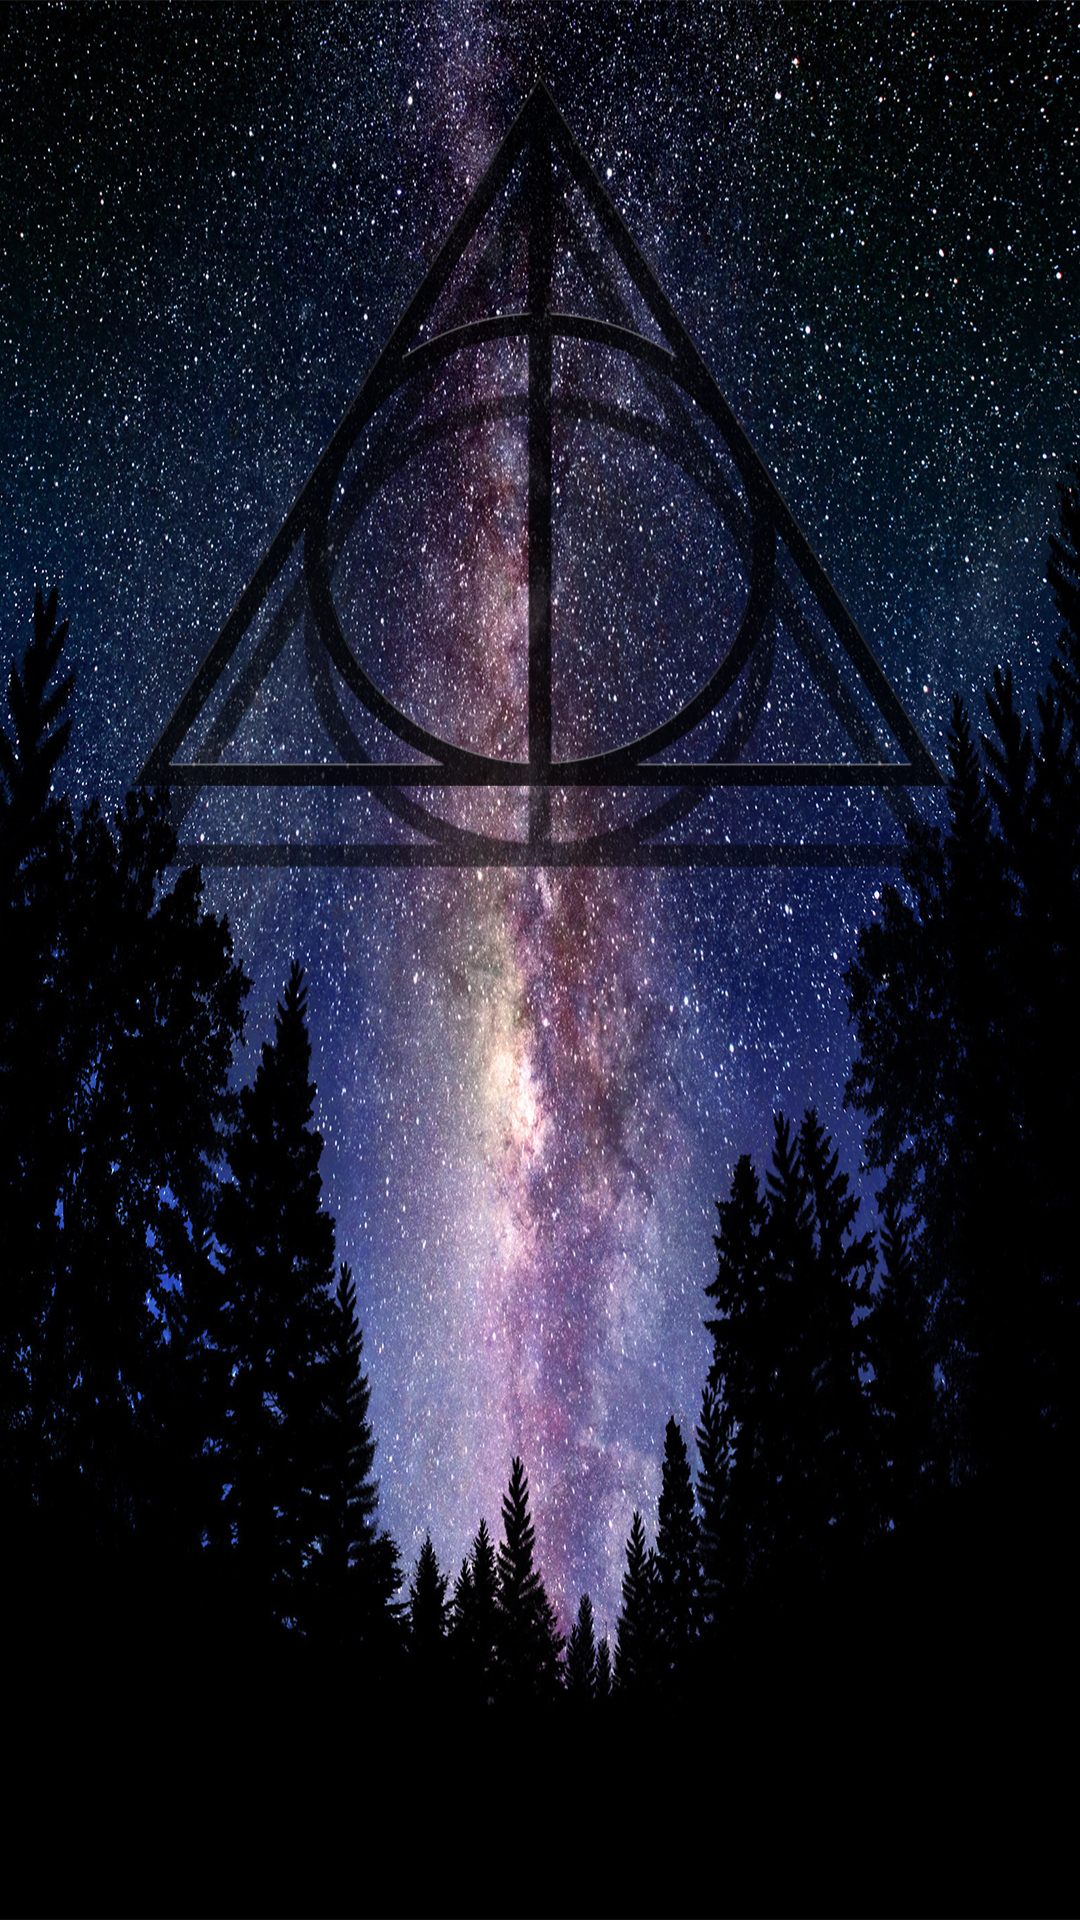 Rebaka Carter (Gryffindor) | Hogwarts is Here